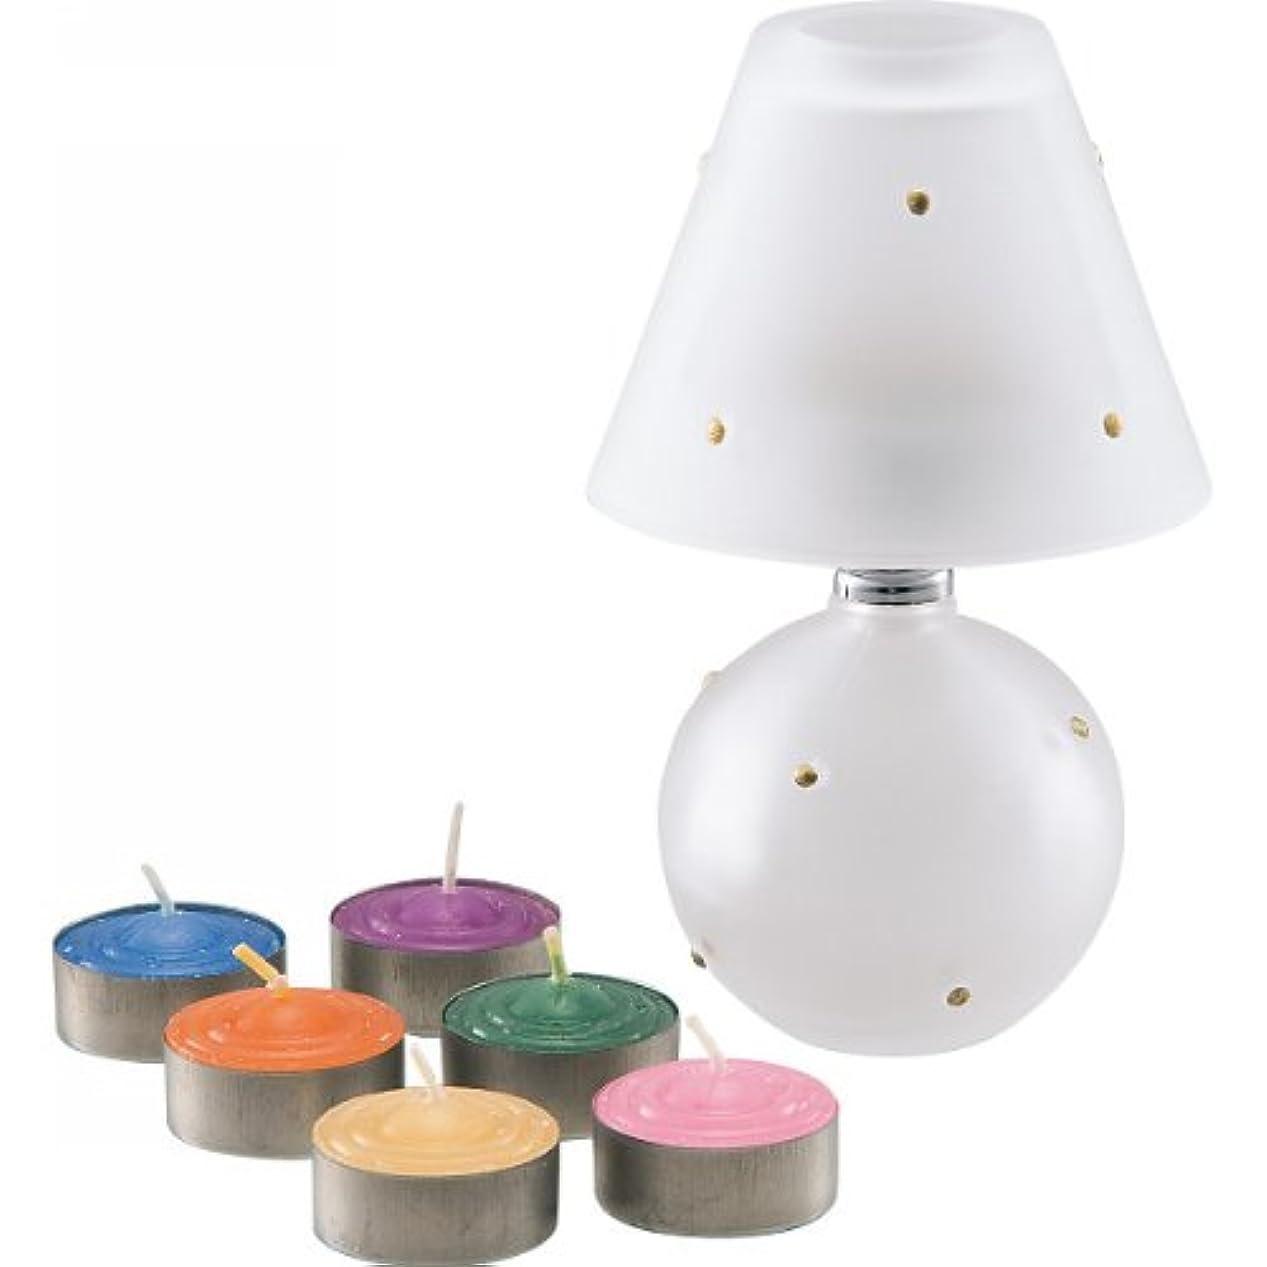 純粋に美的専門化するランプ&アロマキャンドル